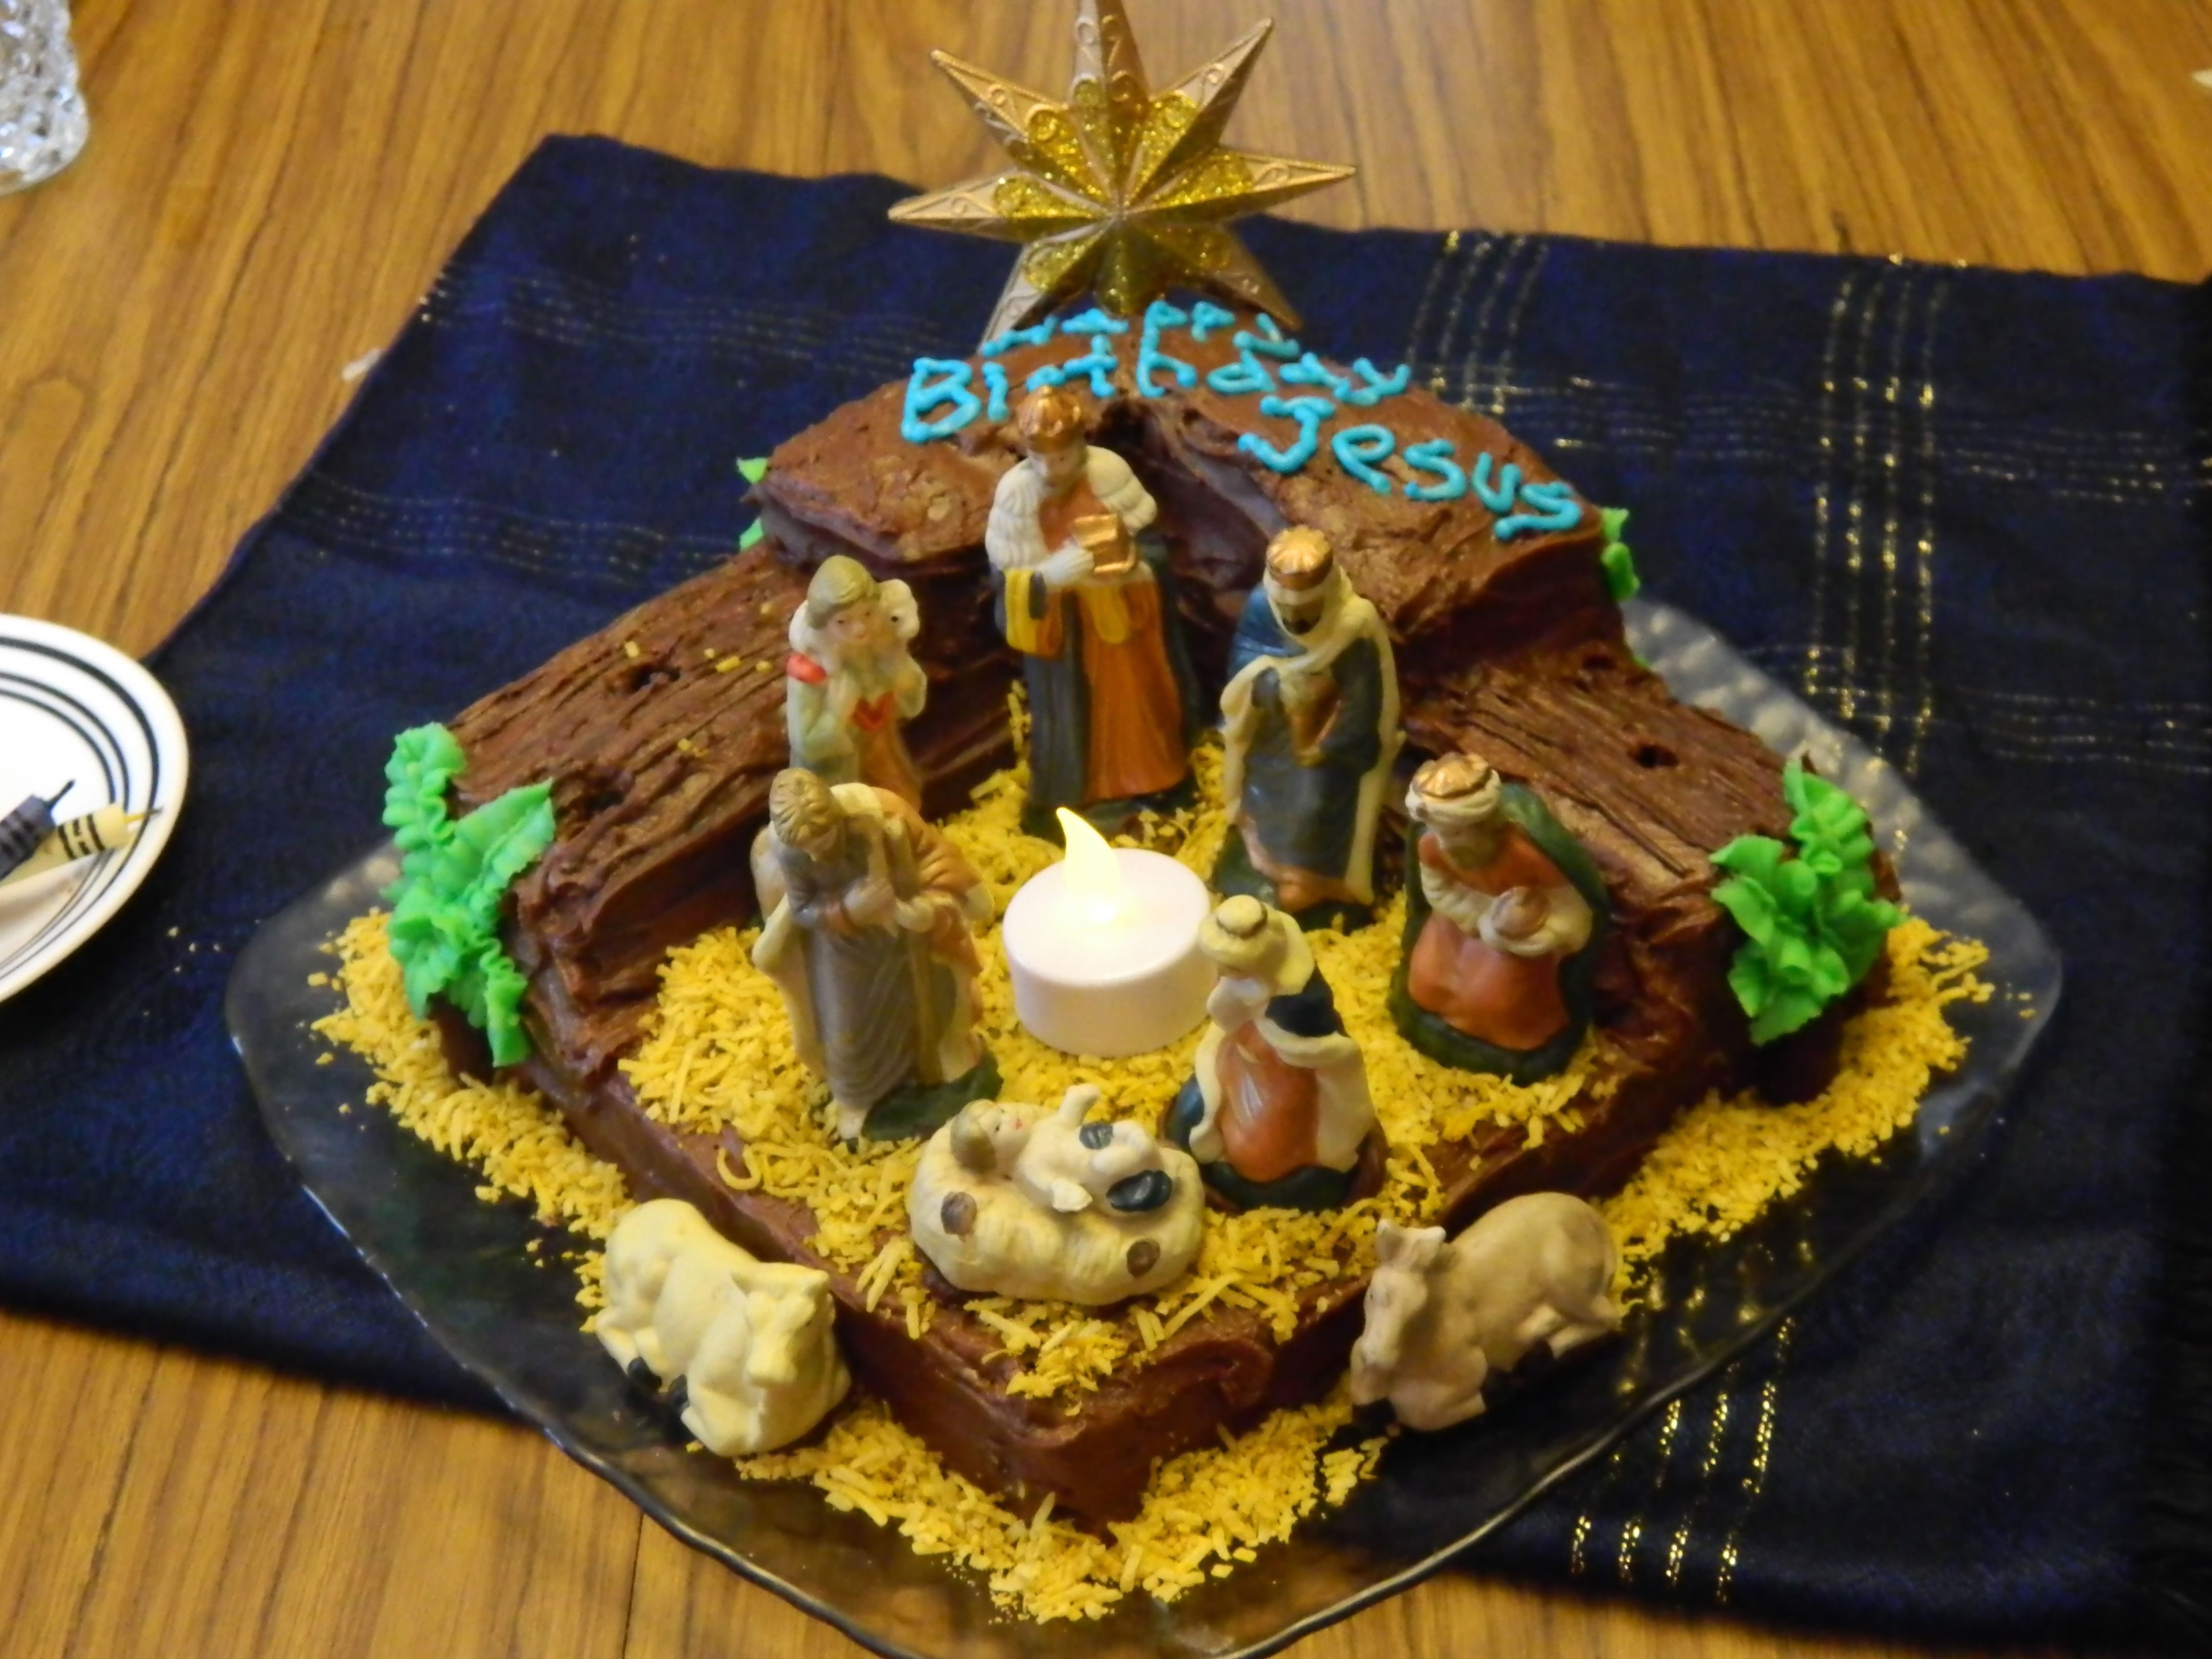 Birthday cake for jesus christmas cake jesus birthday